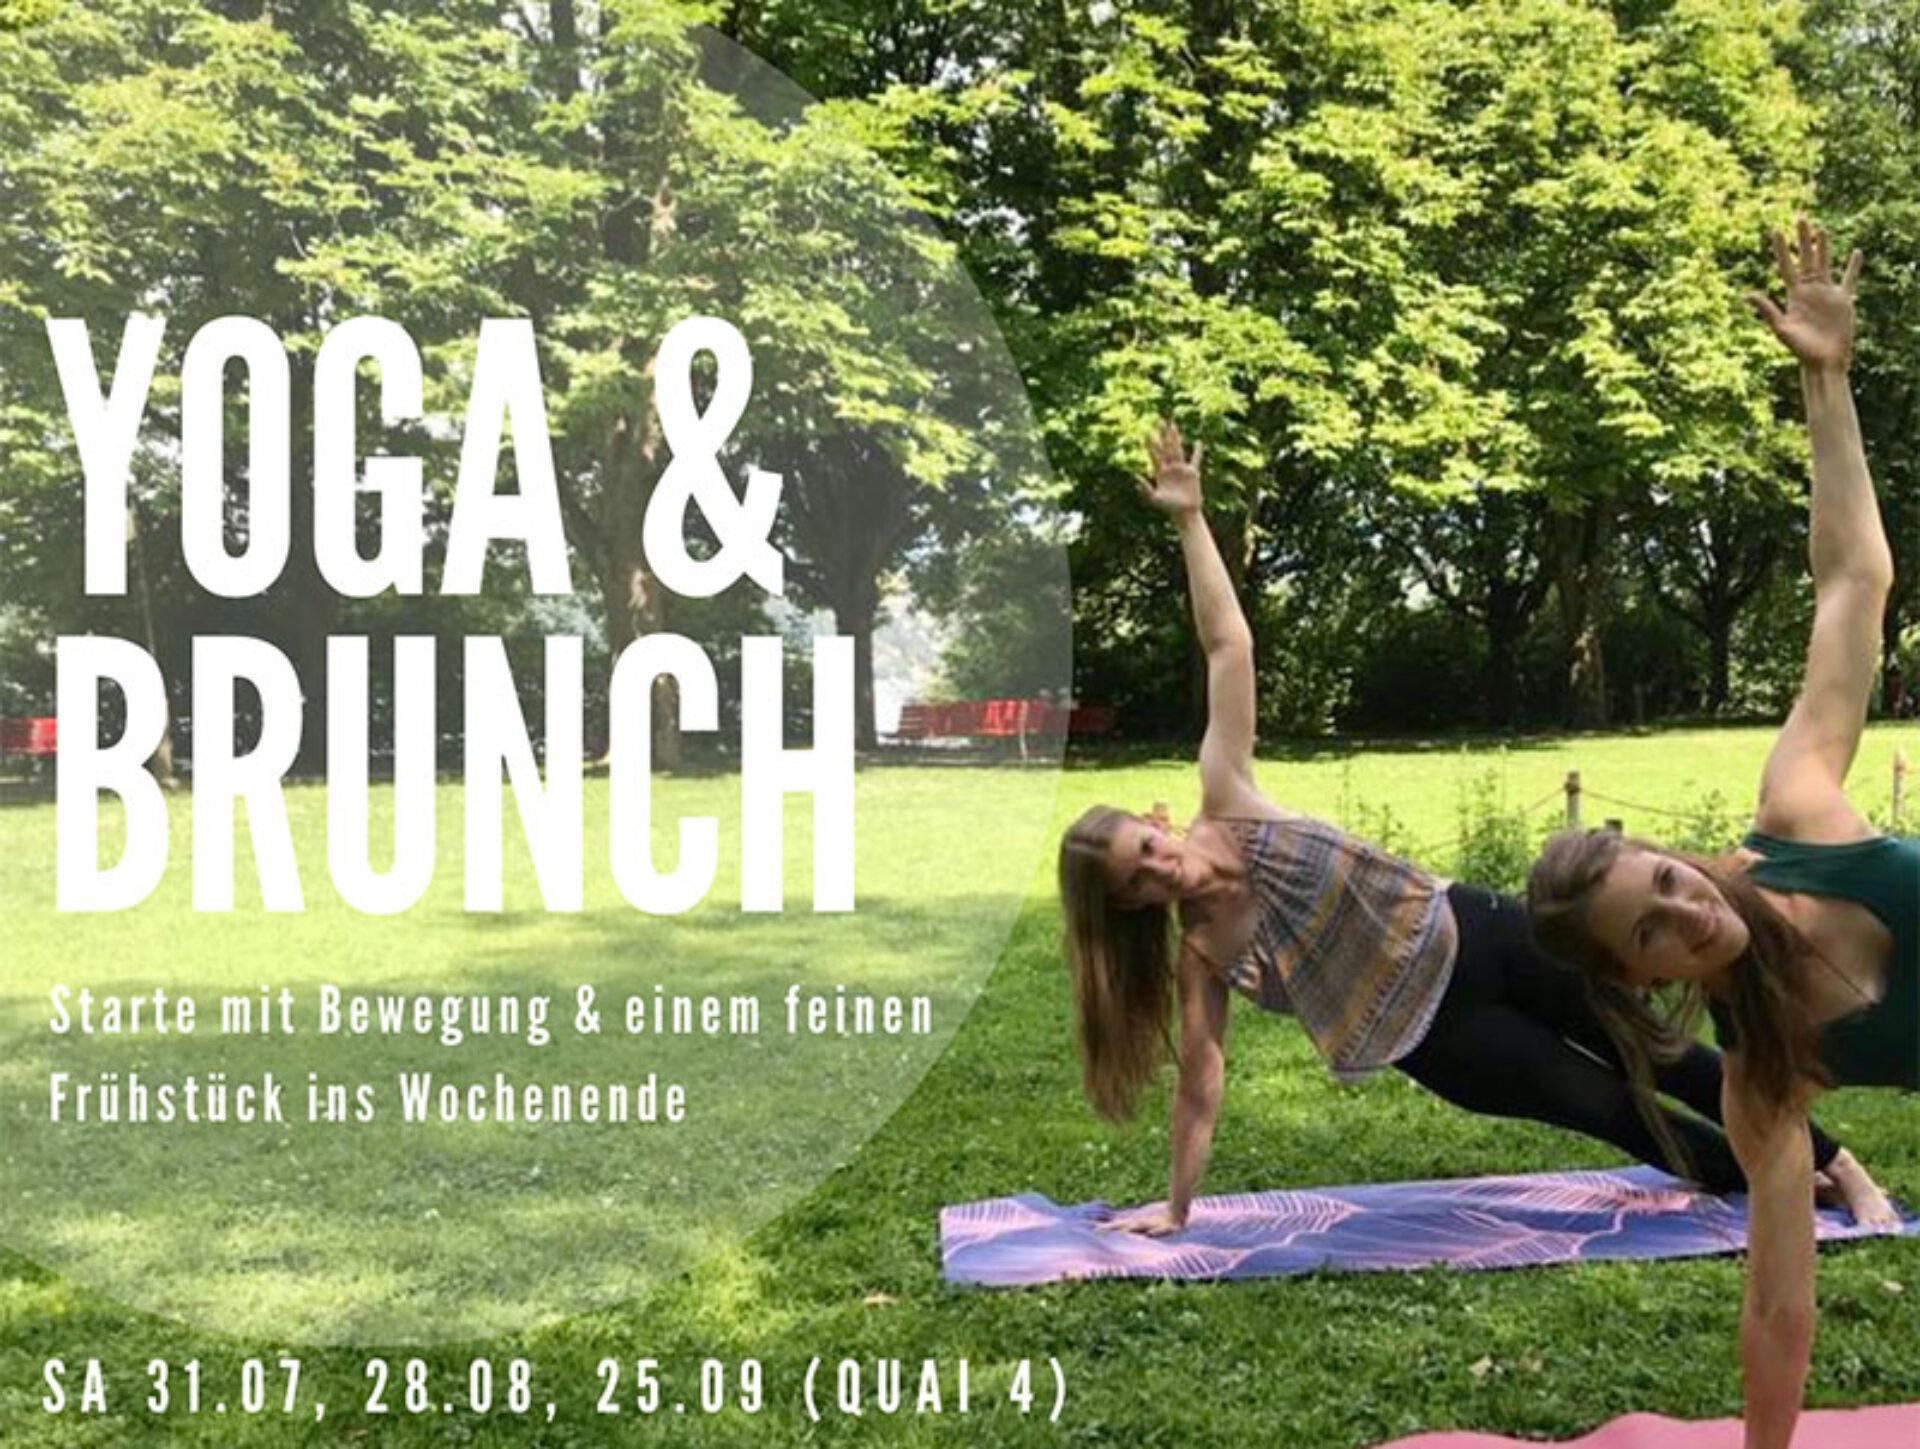 Yoga und Brunch im Quai4